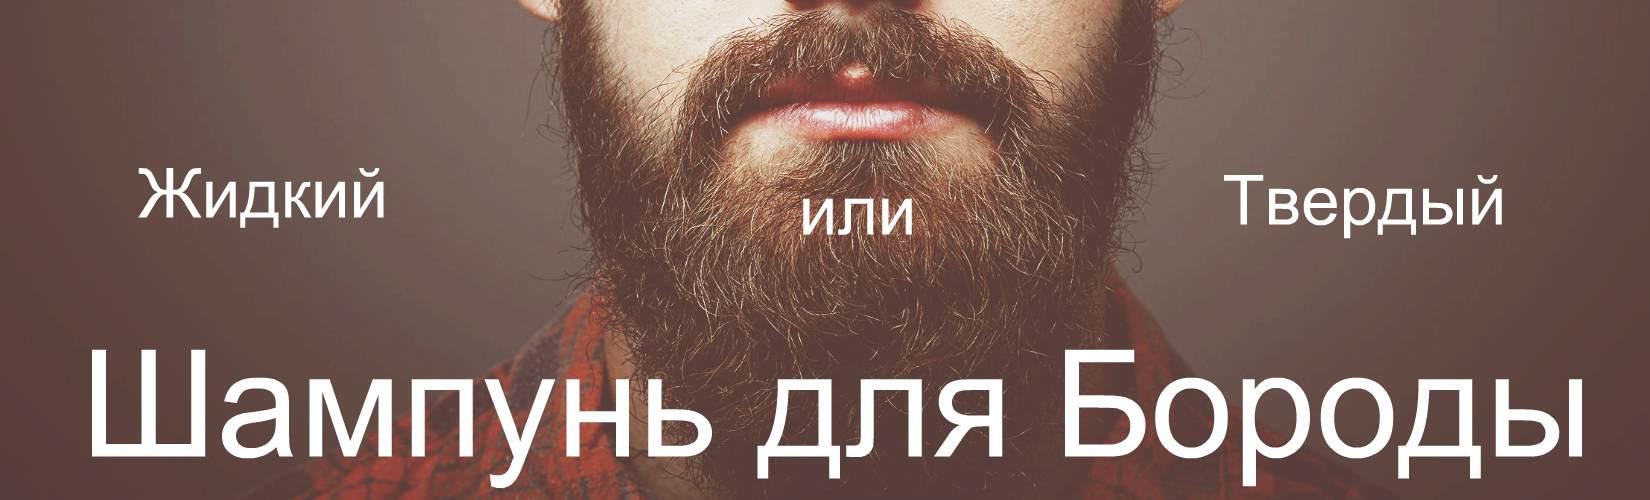 Жидкий, твердый шампунь или мыло для бороды?